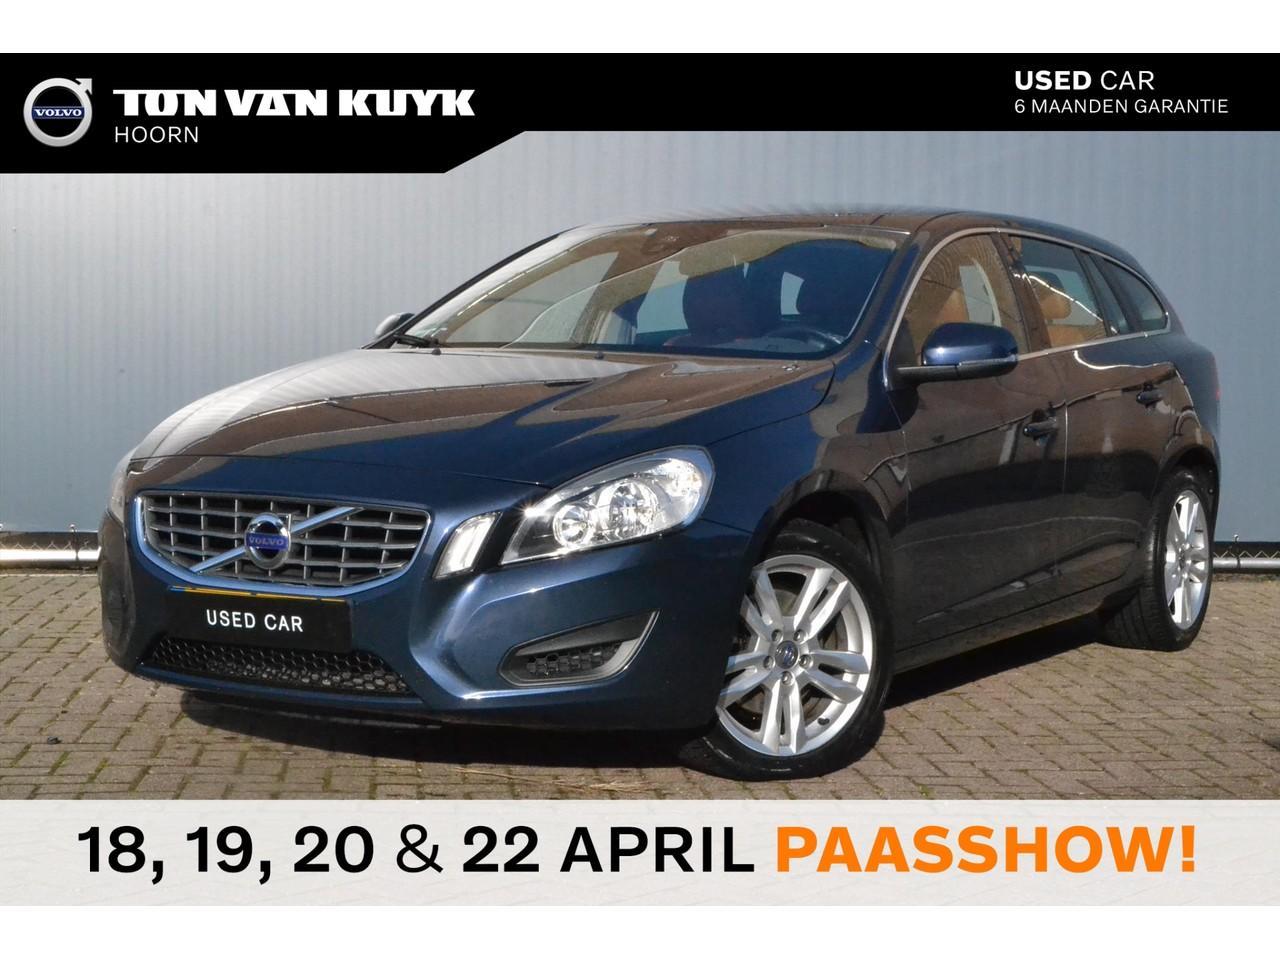 Volvo V60 D4 163pk start/stop momentum business pack